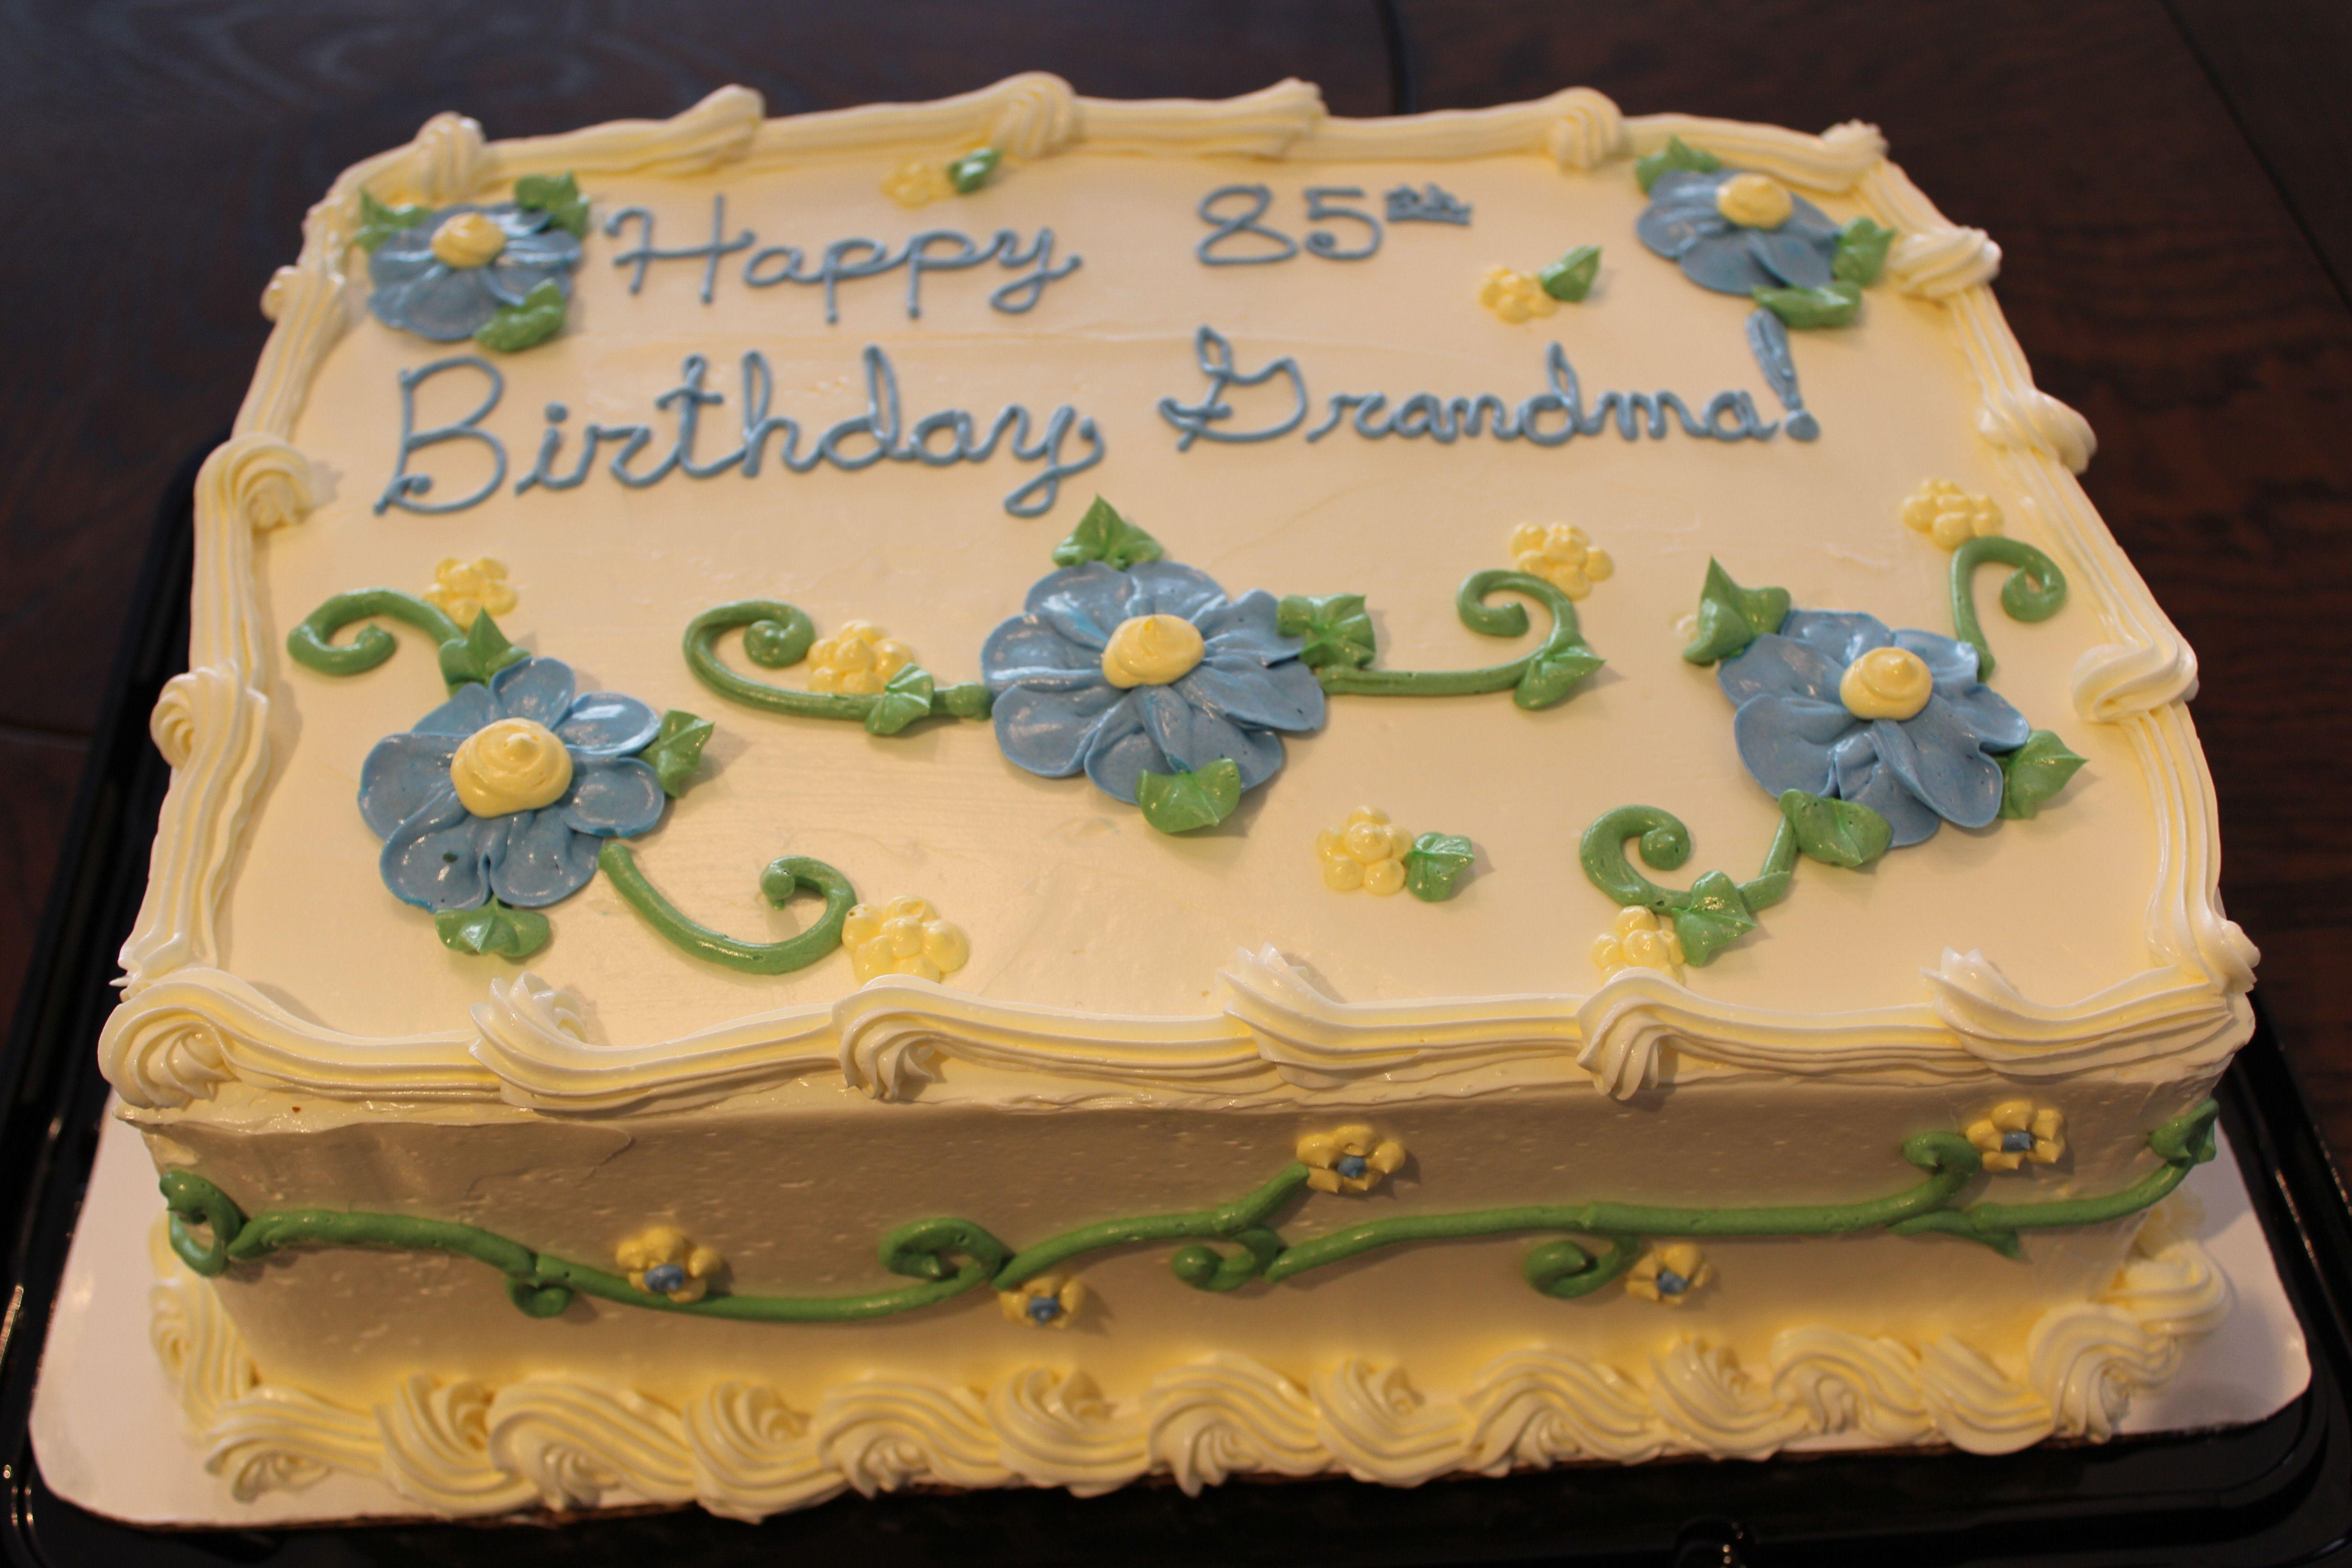 Traditional Birthday Cake Birthday Cakes Pinterest Birthday